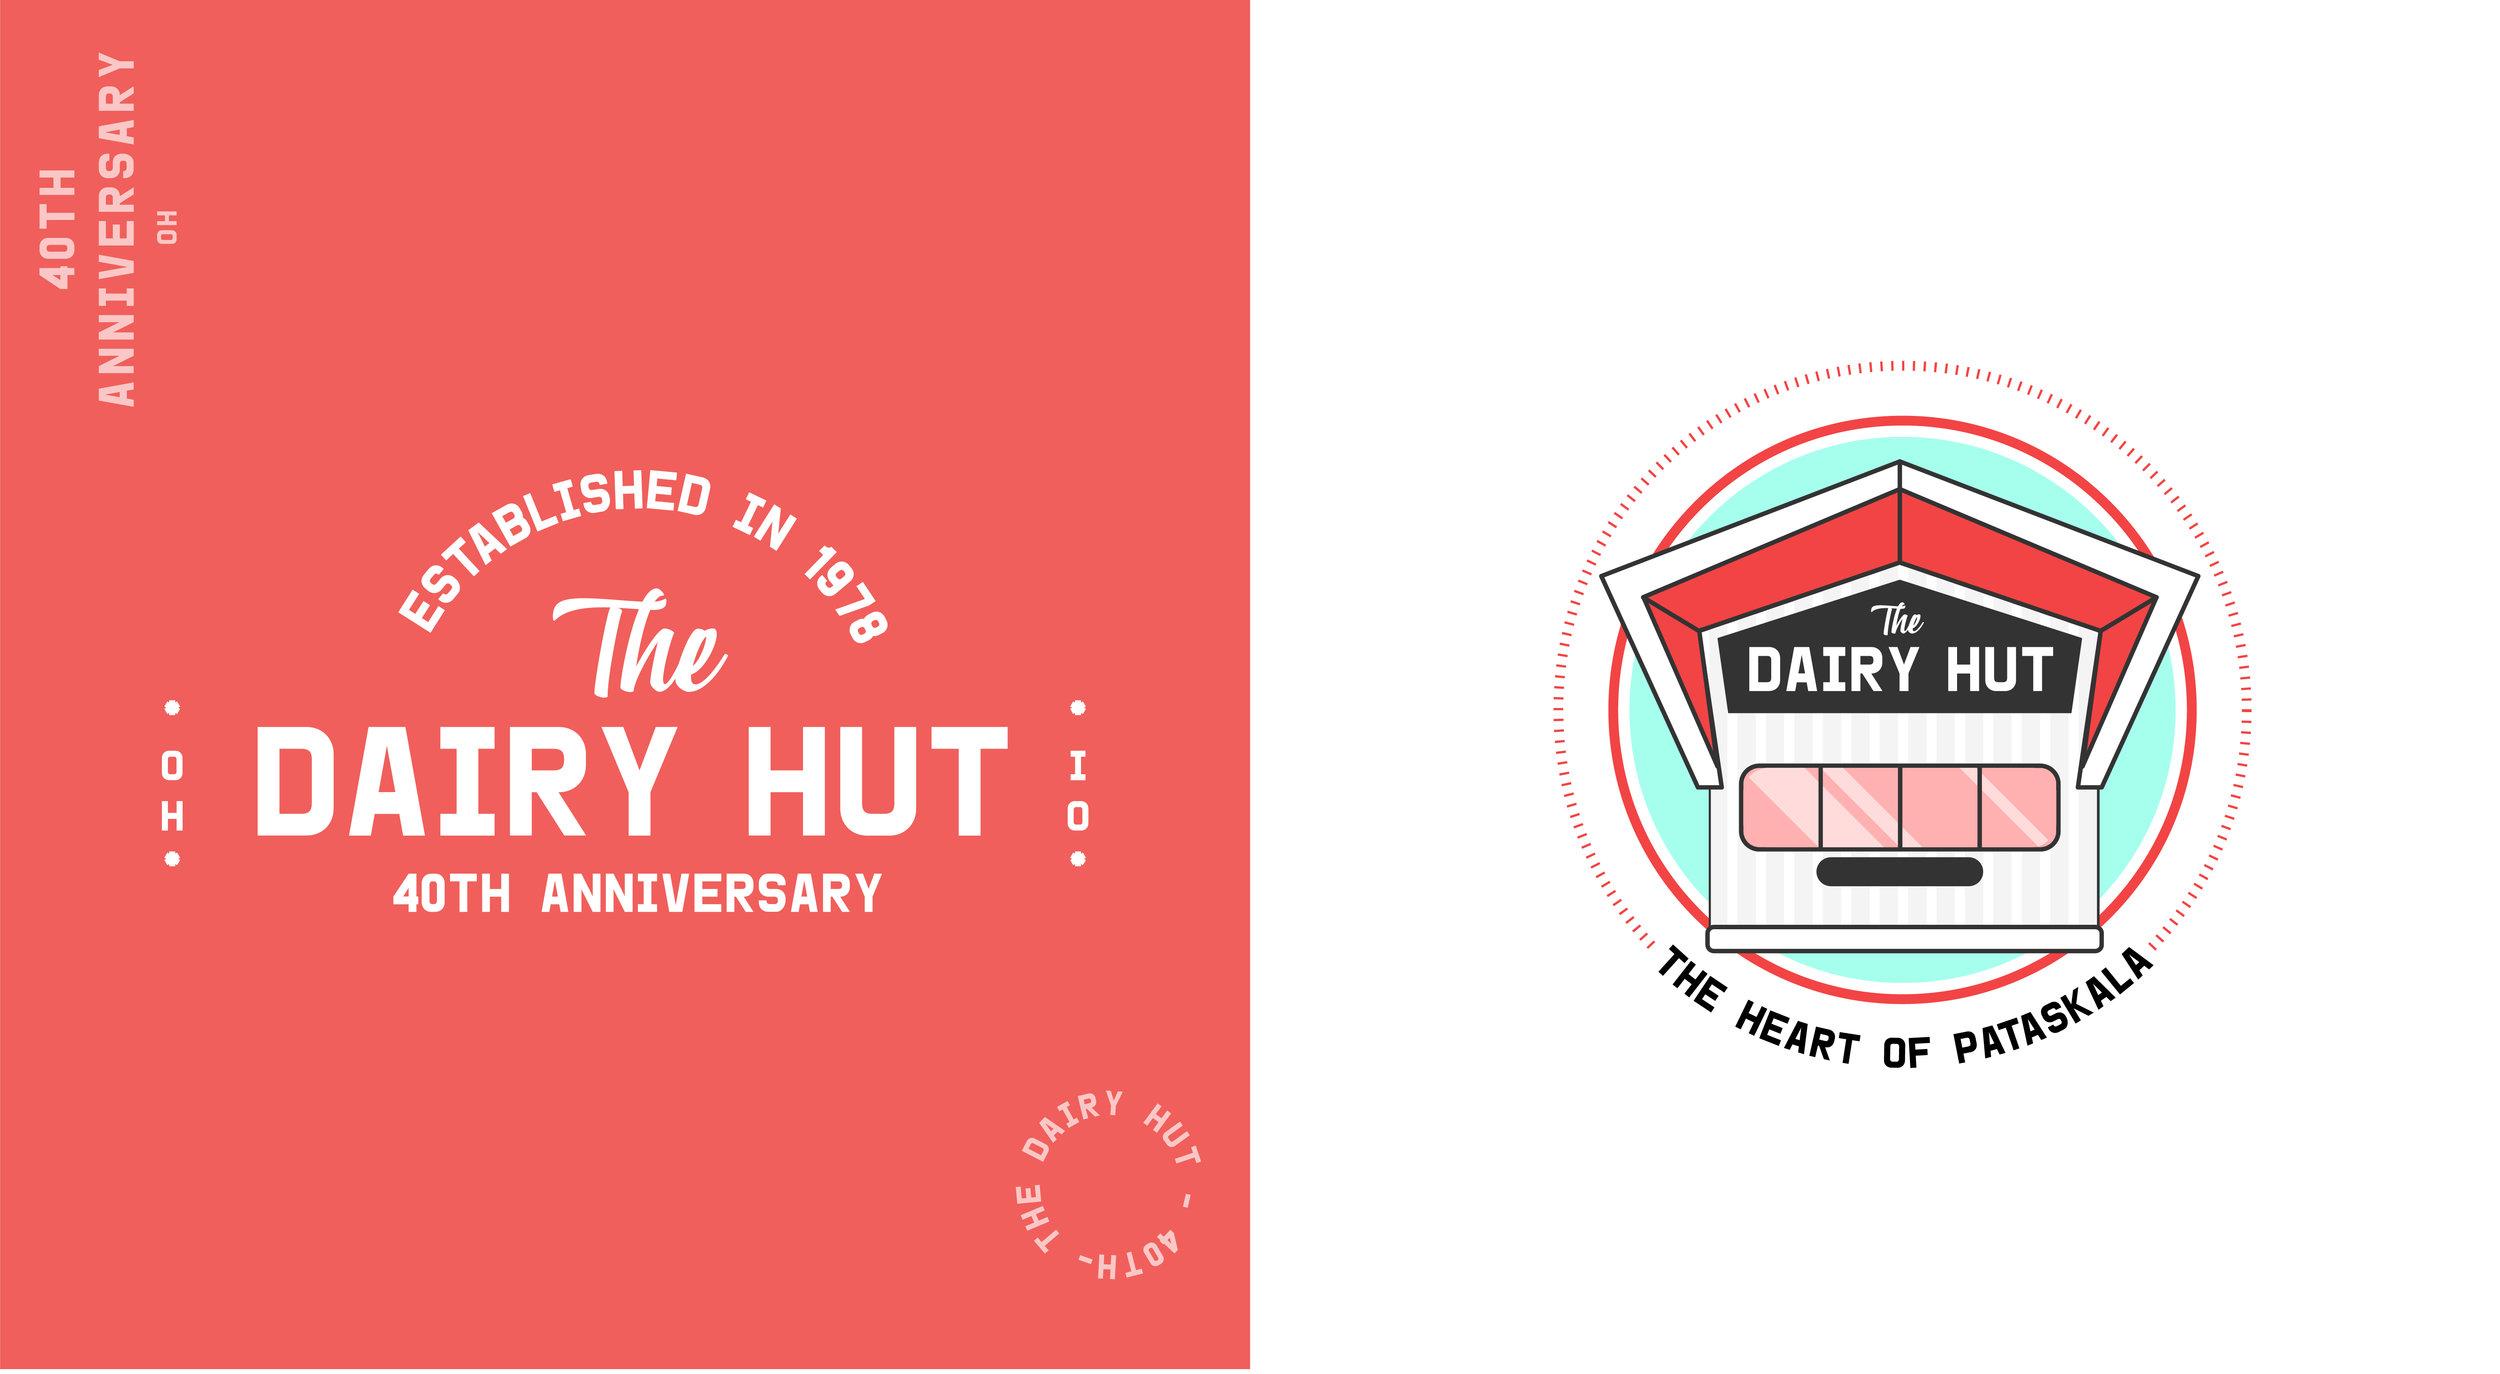 DairyHut_Logo-01.jpg